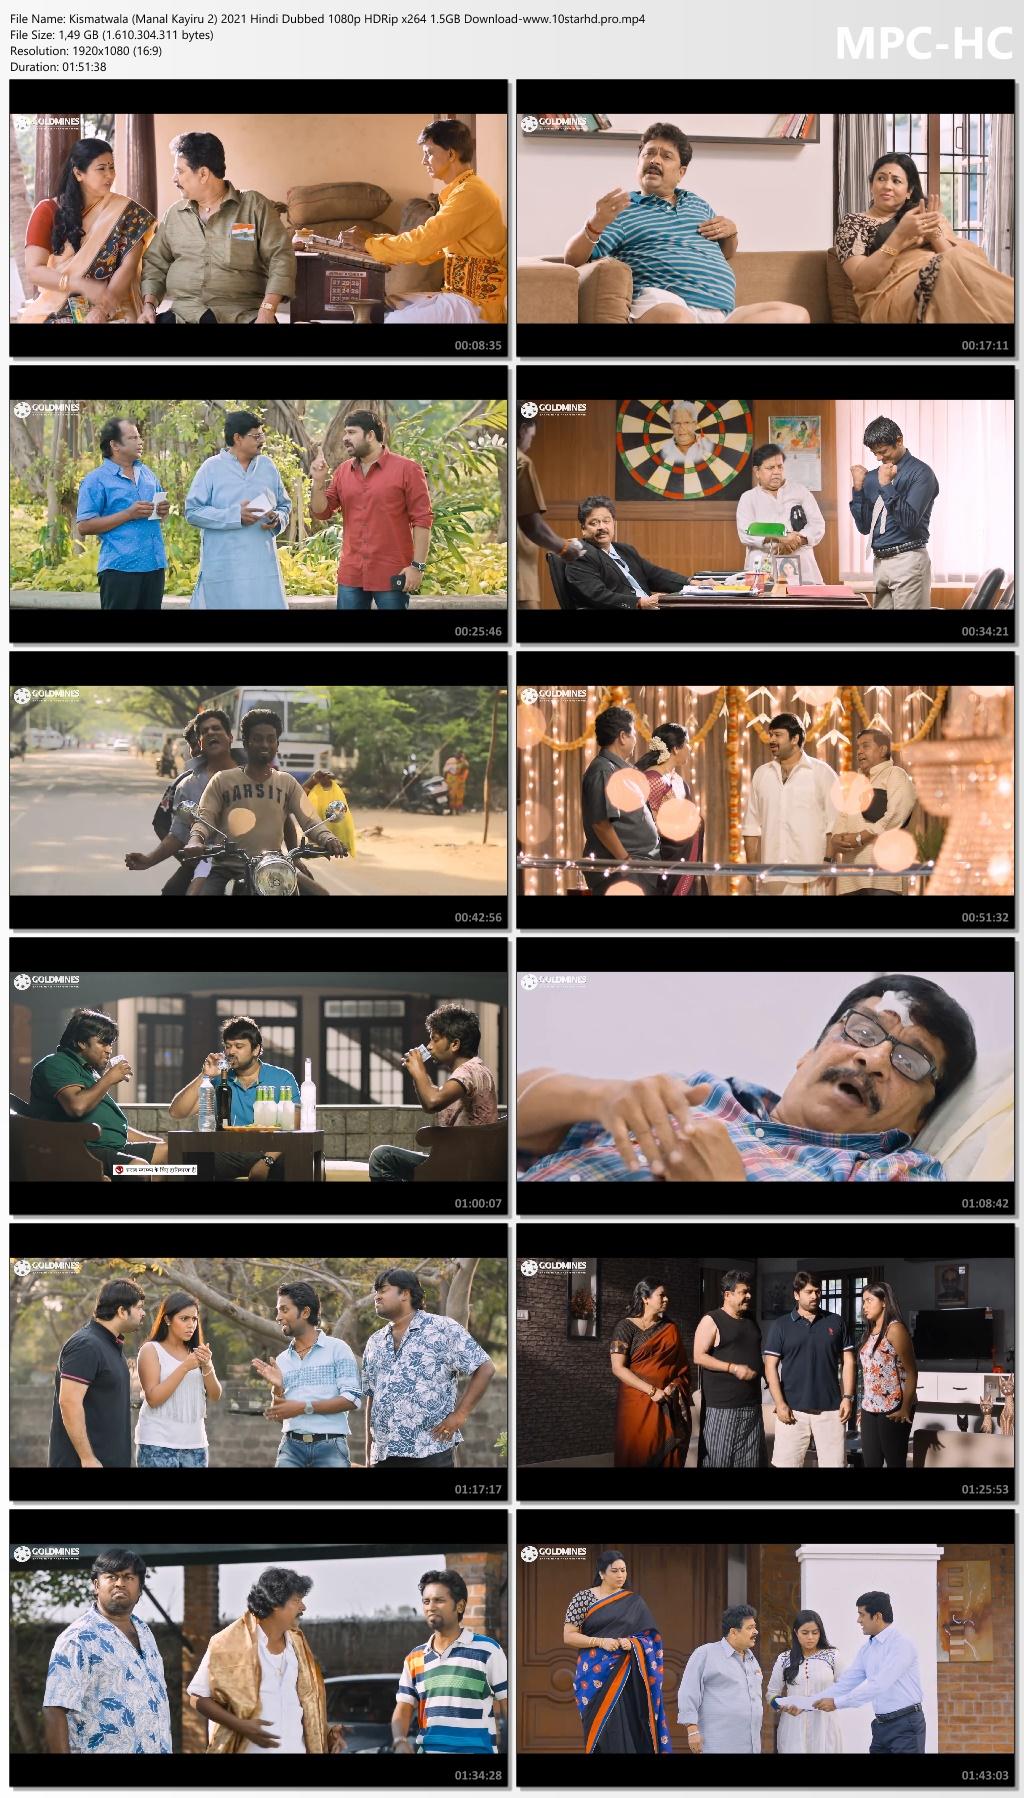 Kismatwala (Manal Kayiru 2) Screen Shot 2